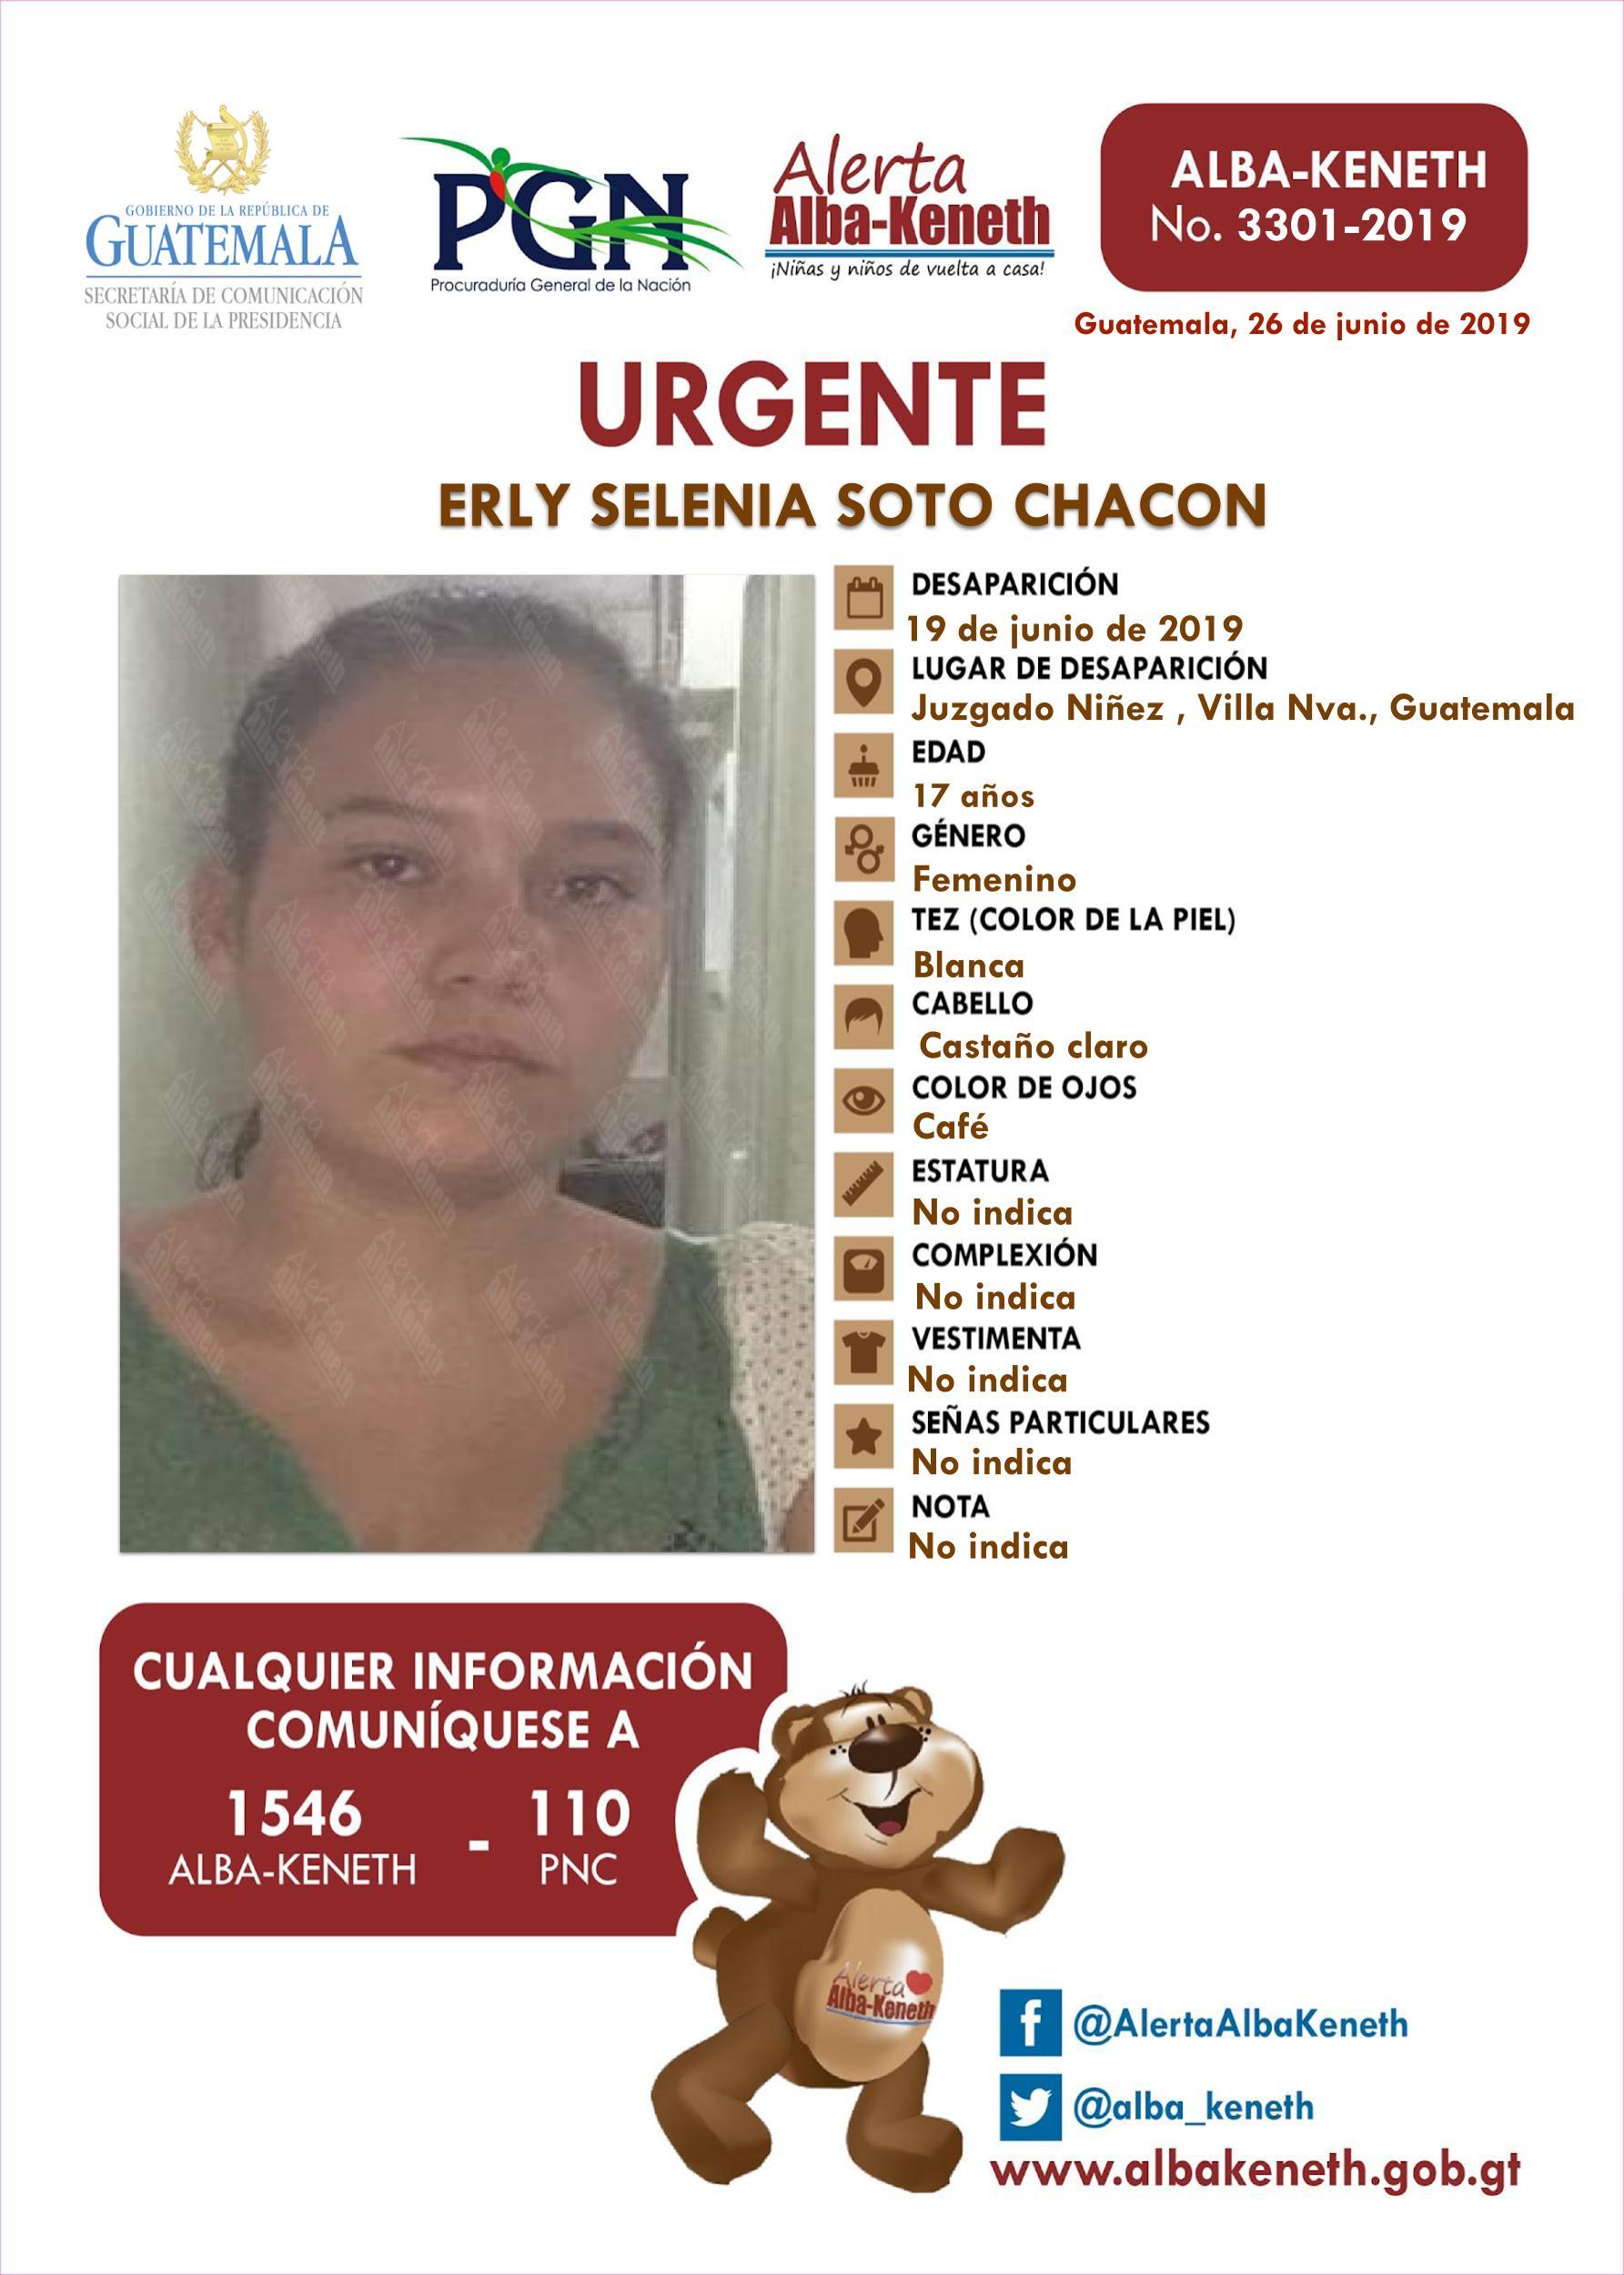 Erly Selenia Soto Chacon